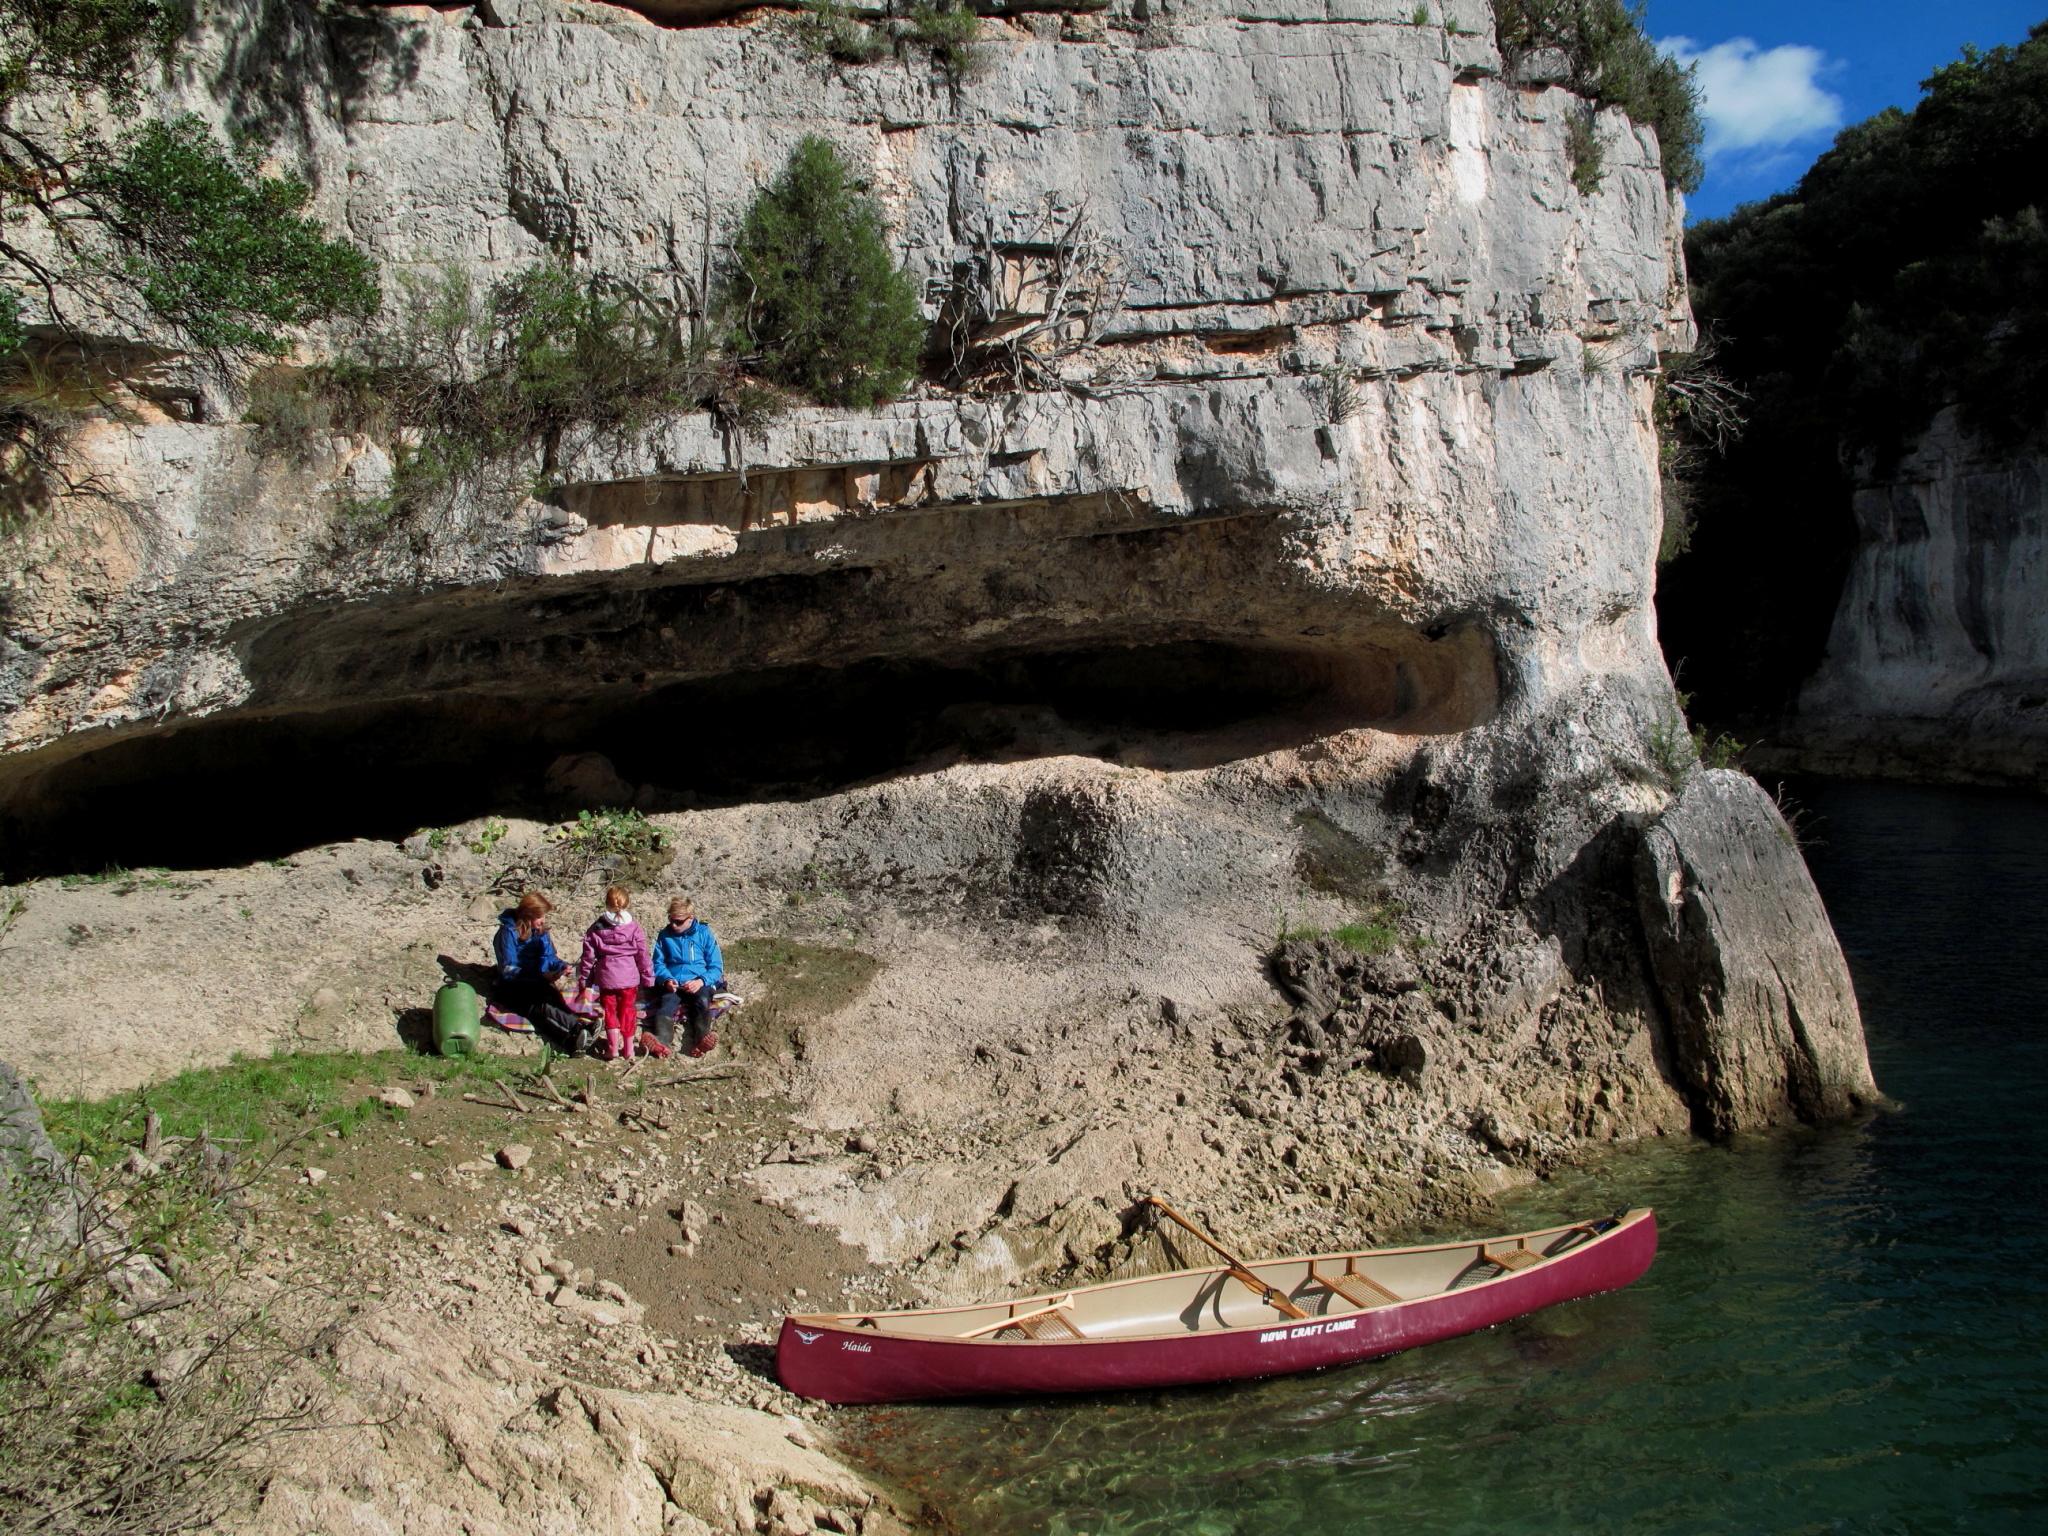 Canoes: Haida by Nova Craft Canoe - Image 2810